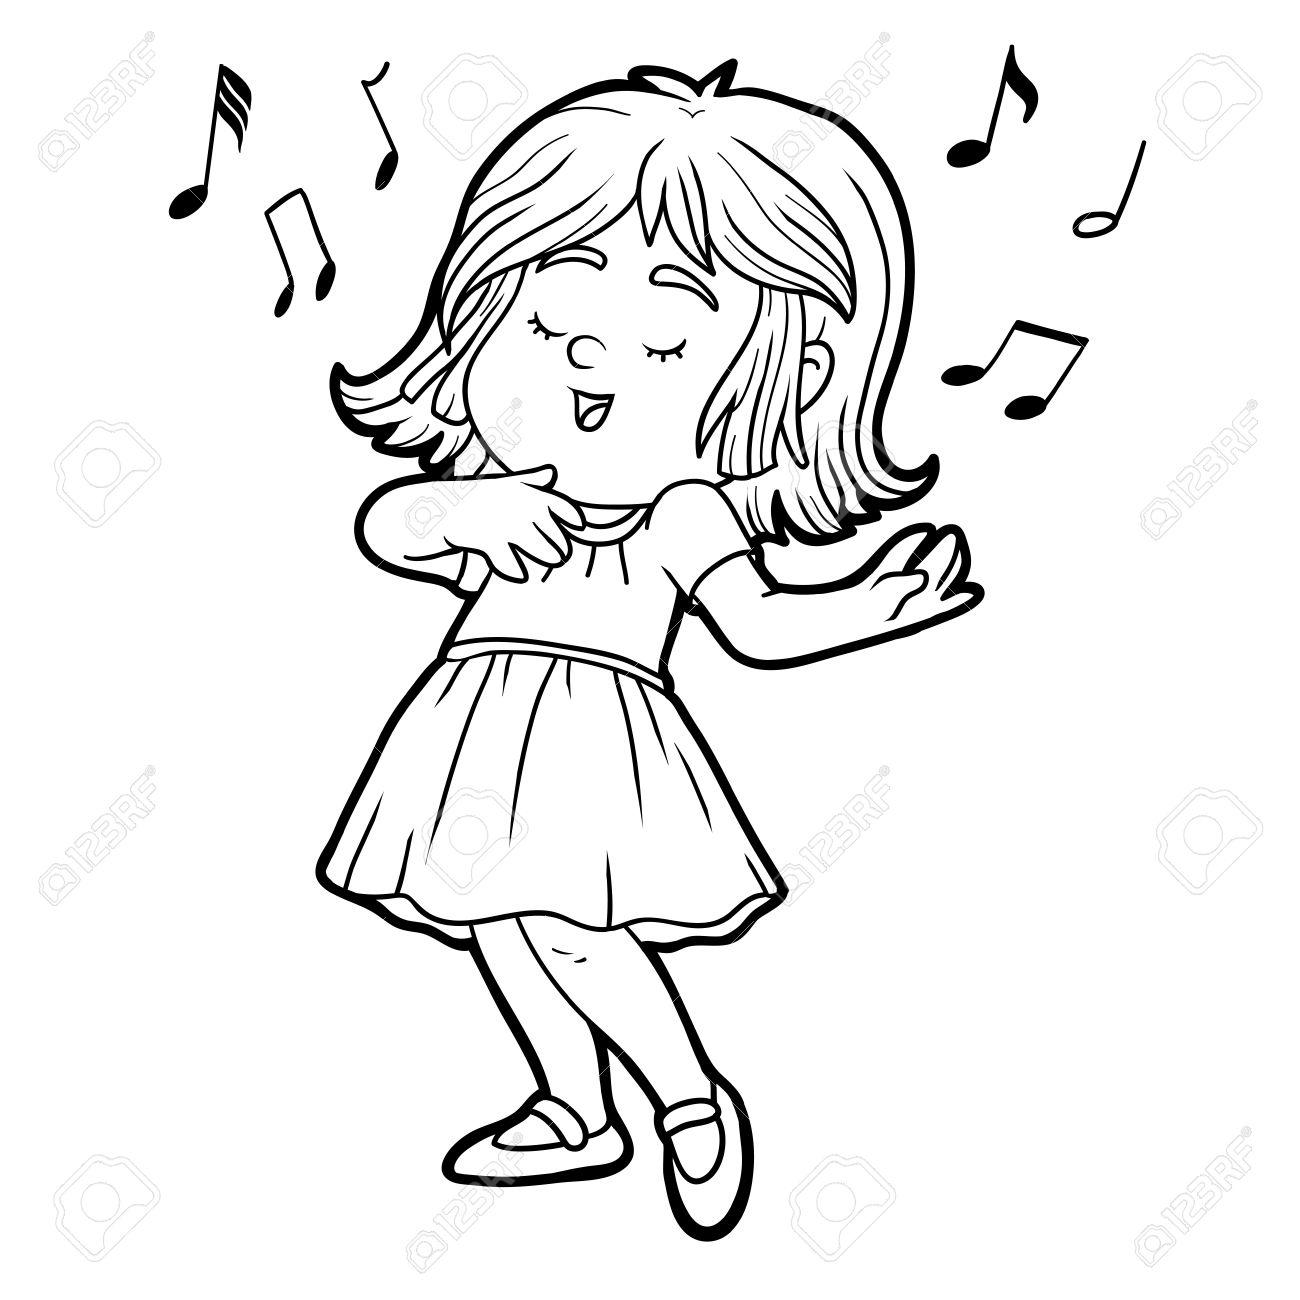 Libro De Colorear Para Niños: Niña En Un Vestido Rojo Está Cantando ...